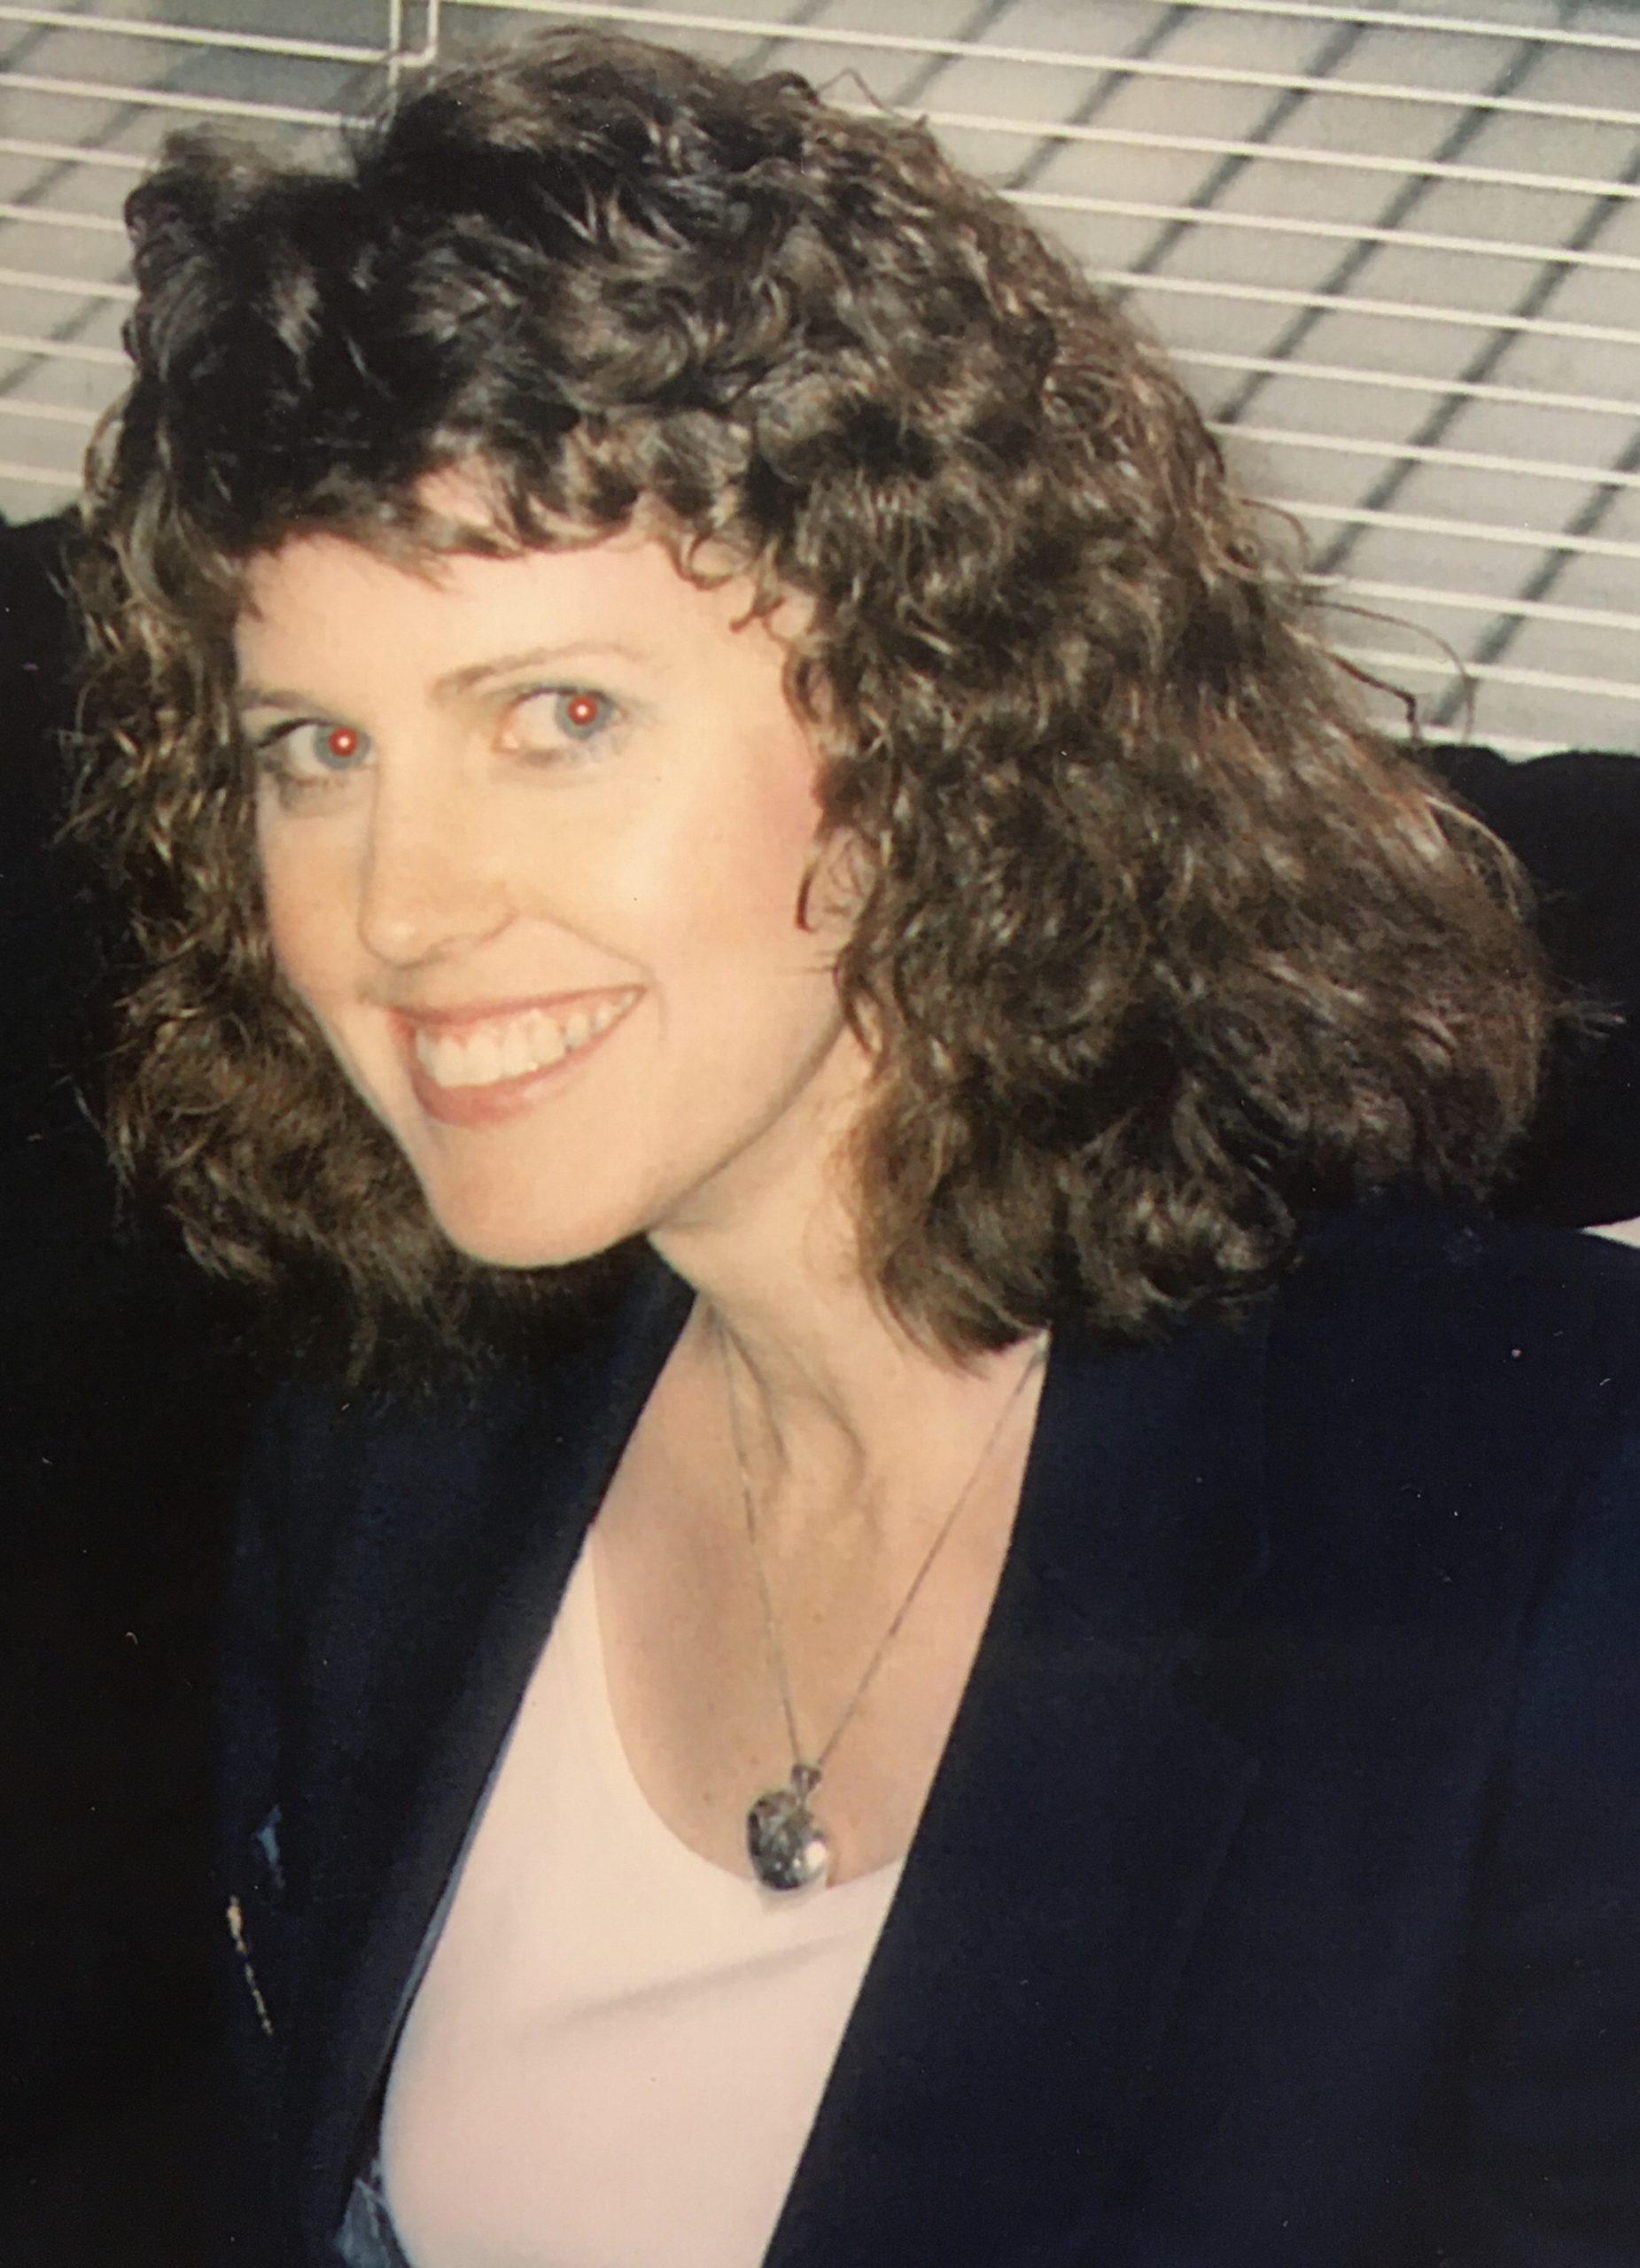 Joanne Thurau scaled